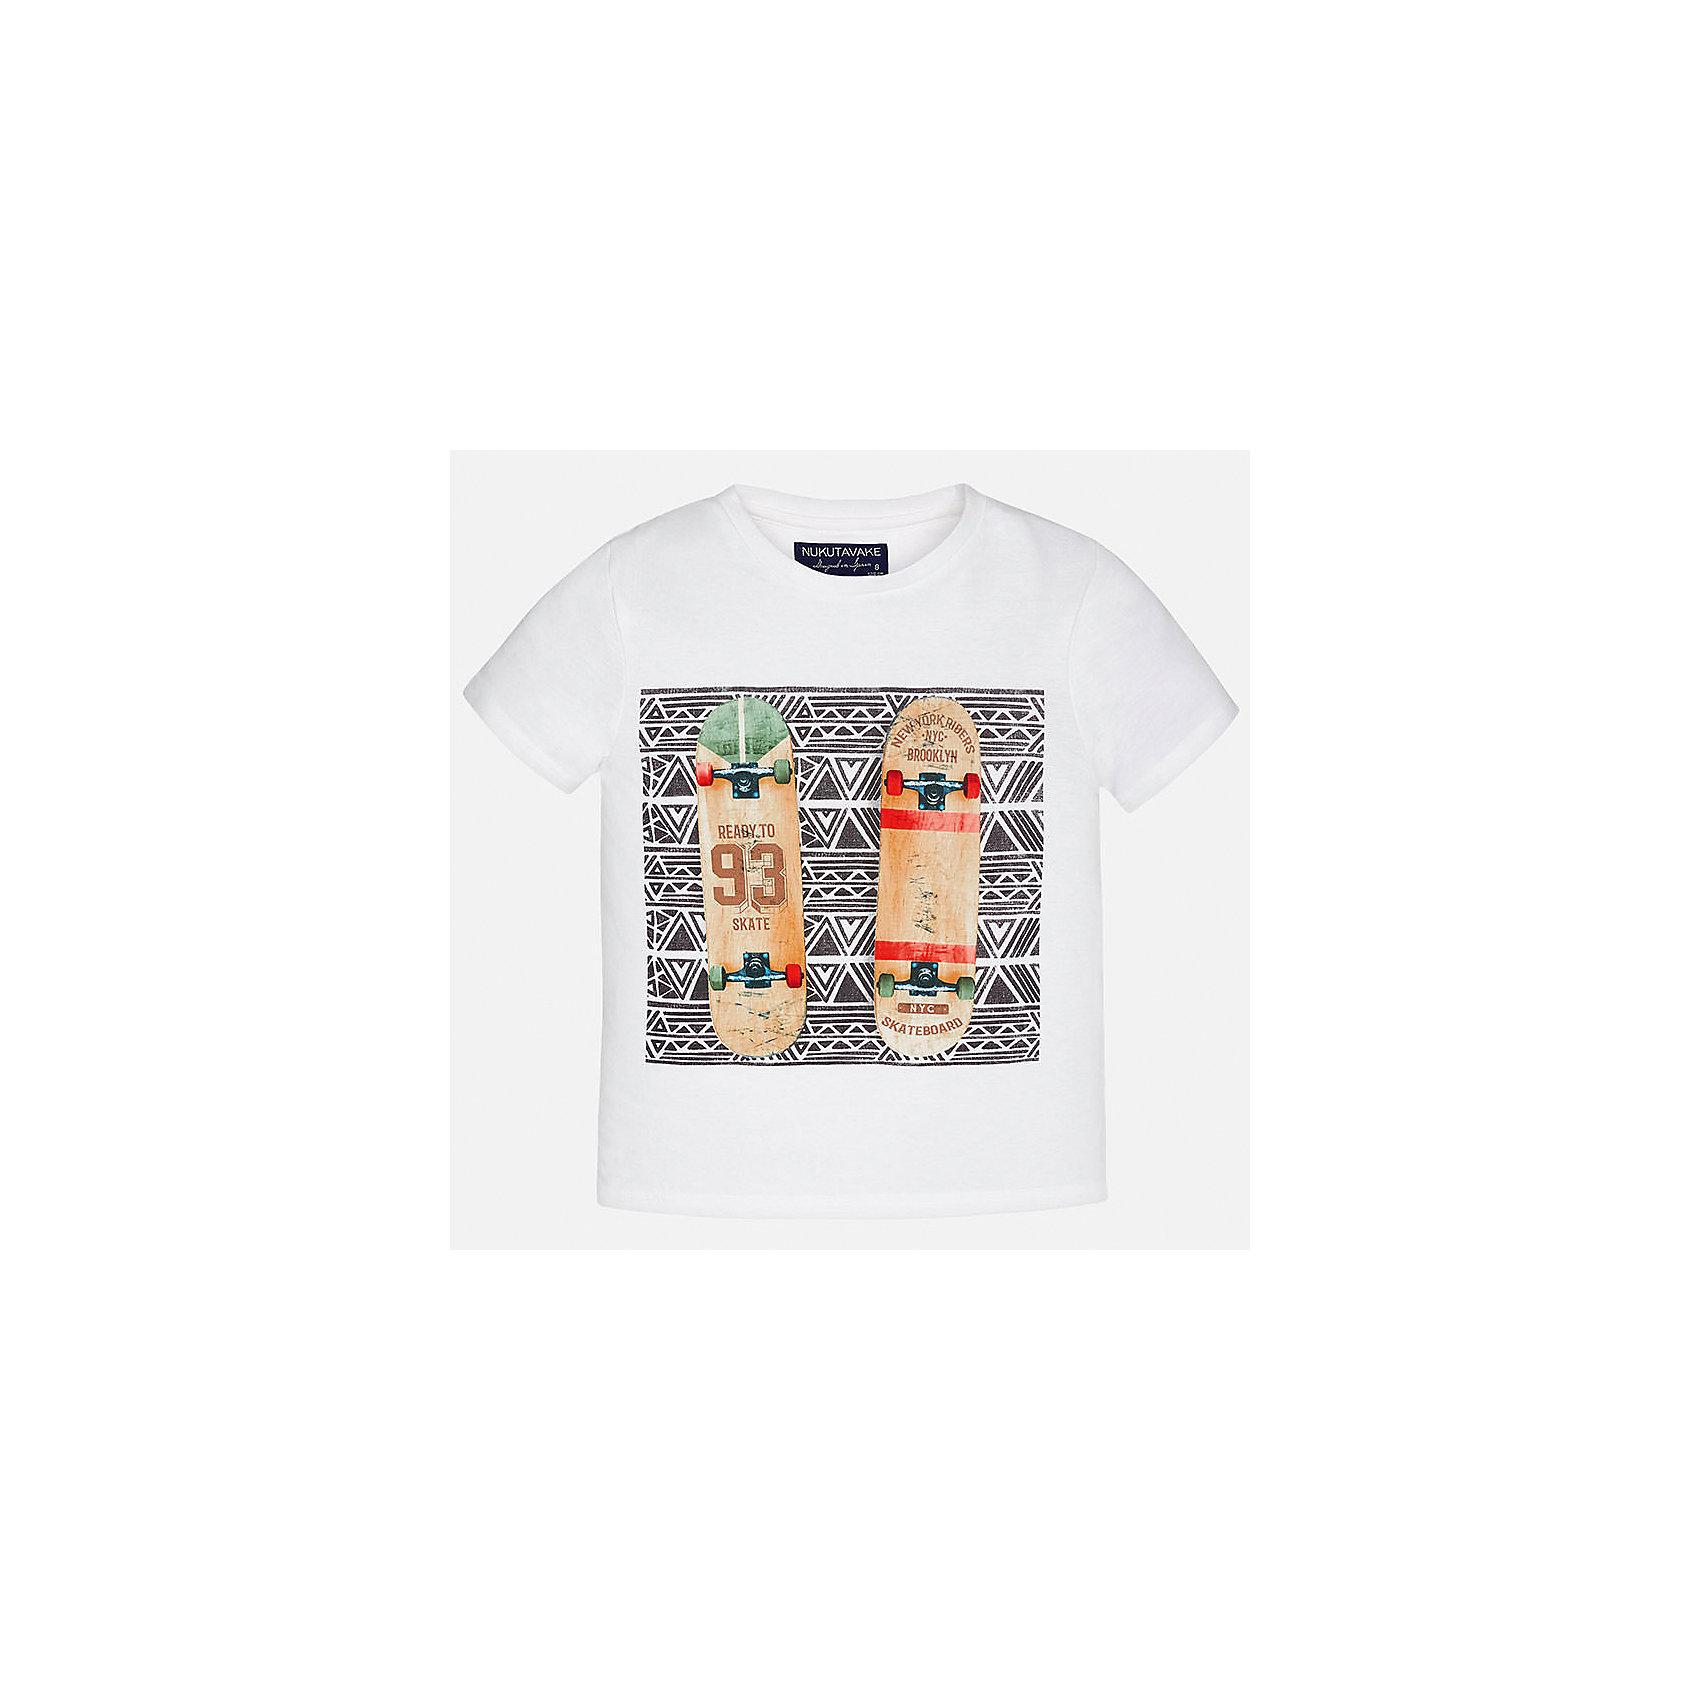 Футболка для мальчика MayoralХарактеристики товара:<br><br>• цвет: белый<br>• состав: 100% хлопок<br>• круглый горловой вырез<br>• декорирована принтом<br>• короткие рукава<br>• мягкая отделка горловины<br>• страна бренда: Испания<br><br>Стильная удобная футболка с принтом поможет разнообразить гардероб мальчика. Она отлично сочетается с брюками, шортами, джинсами. Универсальный крой и цвет позволяет подобрать к вещи низ разных расцветок. Практичное и стильное изделие! Хорошо смотрится и комфортно сидит на детях. В составе материала - только натуральный хлопок, гипоаллергенный, приятный на ощупь, дышащий. <br><br>Одежда, обувь и аксессуары от испанского бренда Mayoral полюбились детям и взрослым по всему миру. Модели этой марки - стильные и удобные. Для их производства используются только безопасные, качественные материалы и фурнитура. Порадуйте ребенка модными и красивыми вещами от Mayoral! <br><br>Футболку для мальчика от испанского бренда Mayoral (Майорал) можно купить в нашем интернет-магазине.<br><br>Ширина мм: 199<br>Глубина мм: 10<br>Высота мм: 161<br>Вес г: 151<br>Цвет: белый<br>Возраст от месяцев: 132<br>Возраст до месяцев: 144<br>Пол: Мужской<br>Возраст: Детский<br>Размер: 140,128/134,170,164,152,158<br>SKU: 5281416